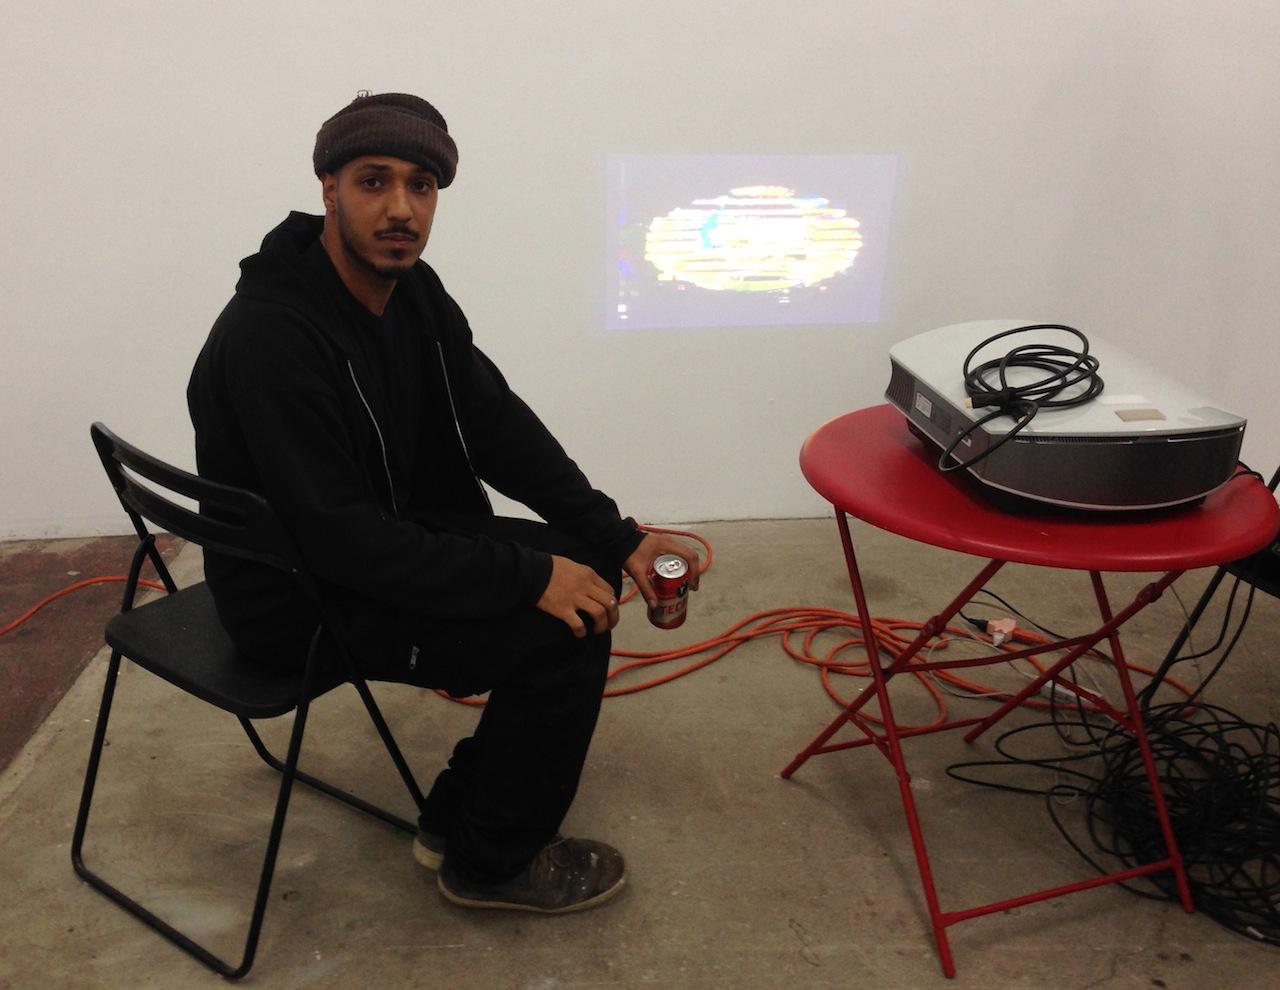 Curator Kelman Duran with Gif art by Simon Pecco.